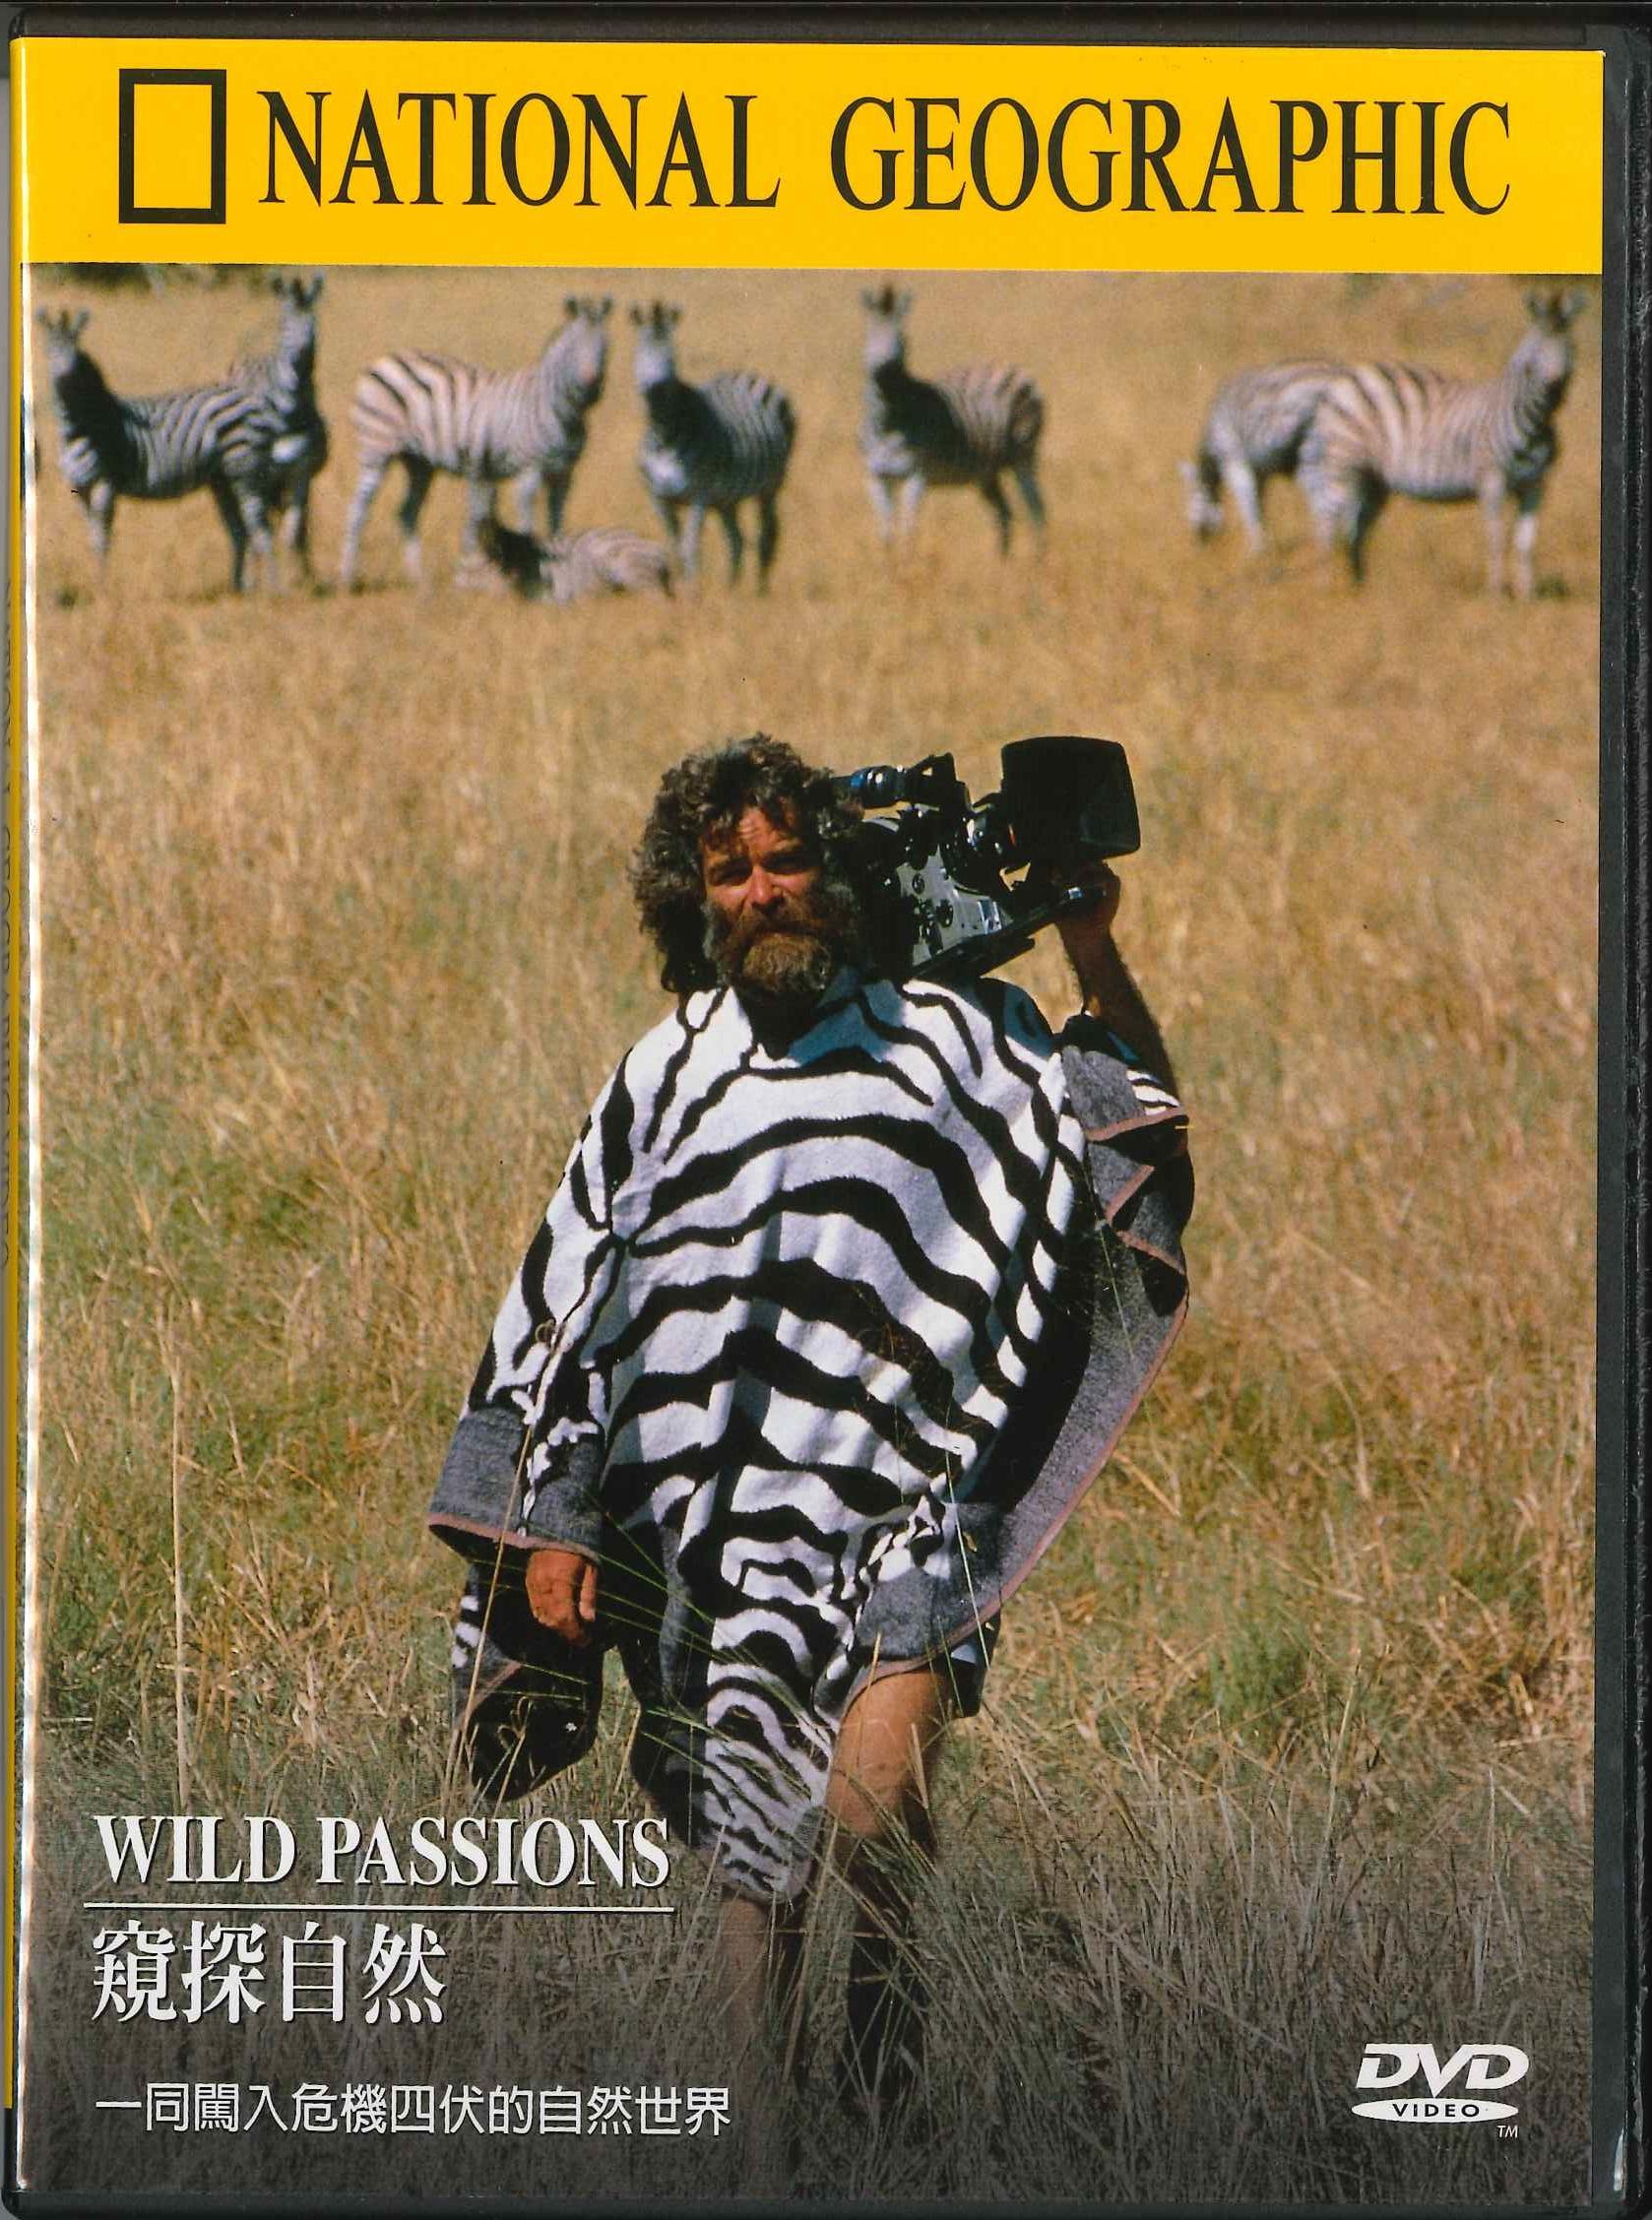 窺探自然 [錄影資料]=Wild passions